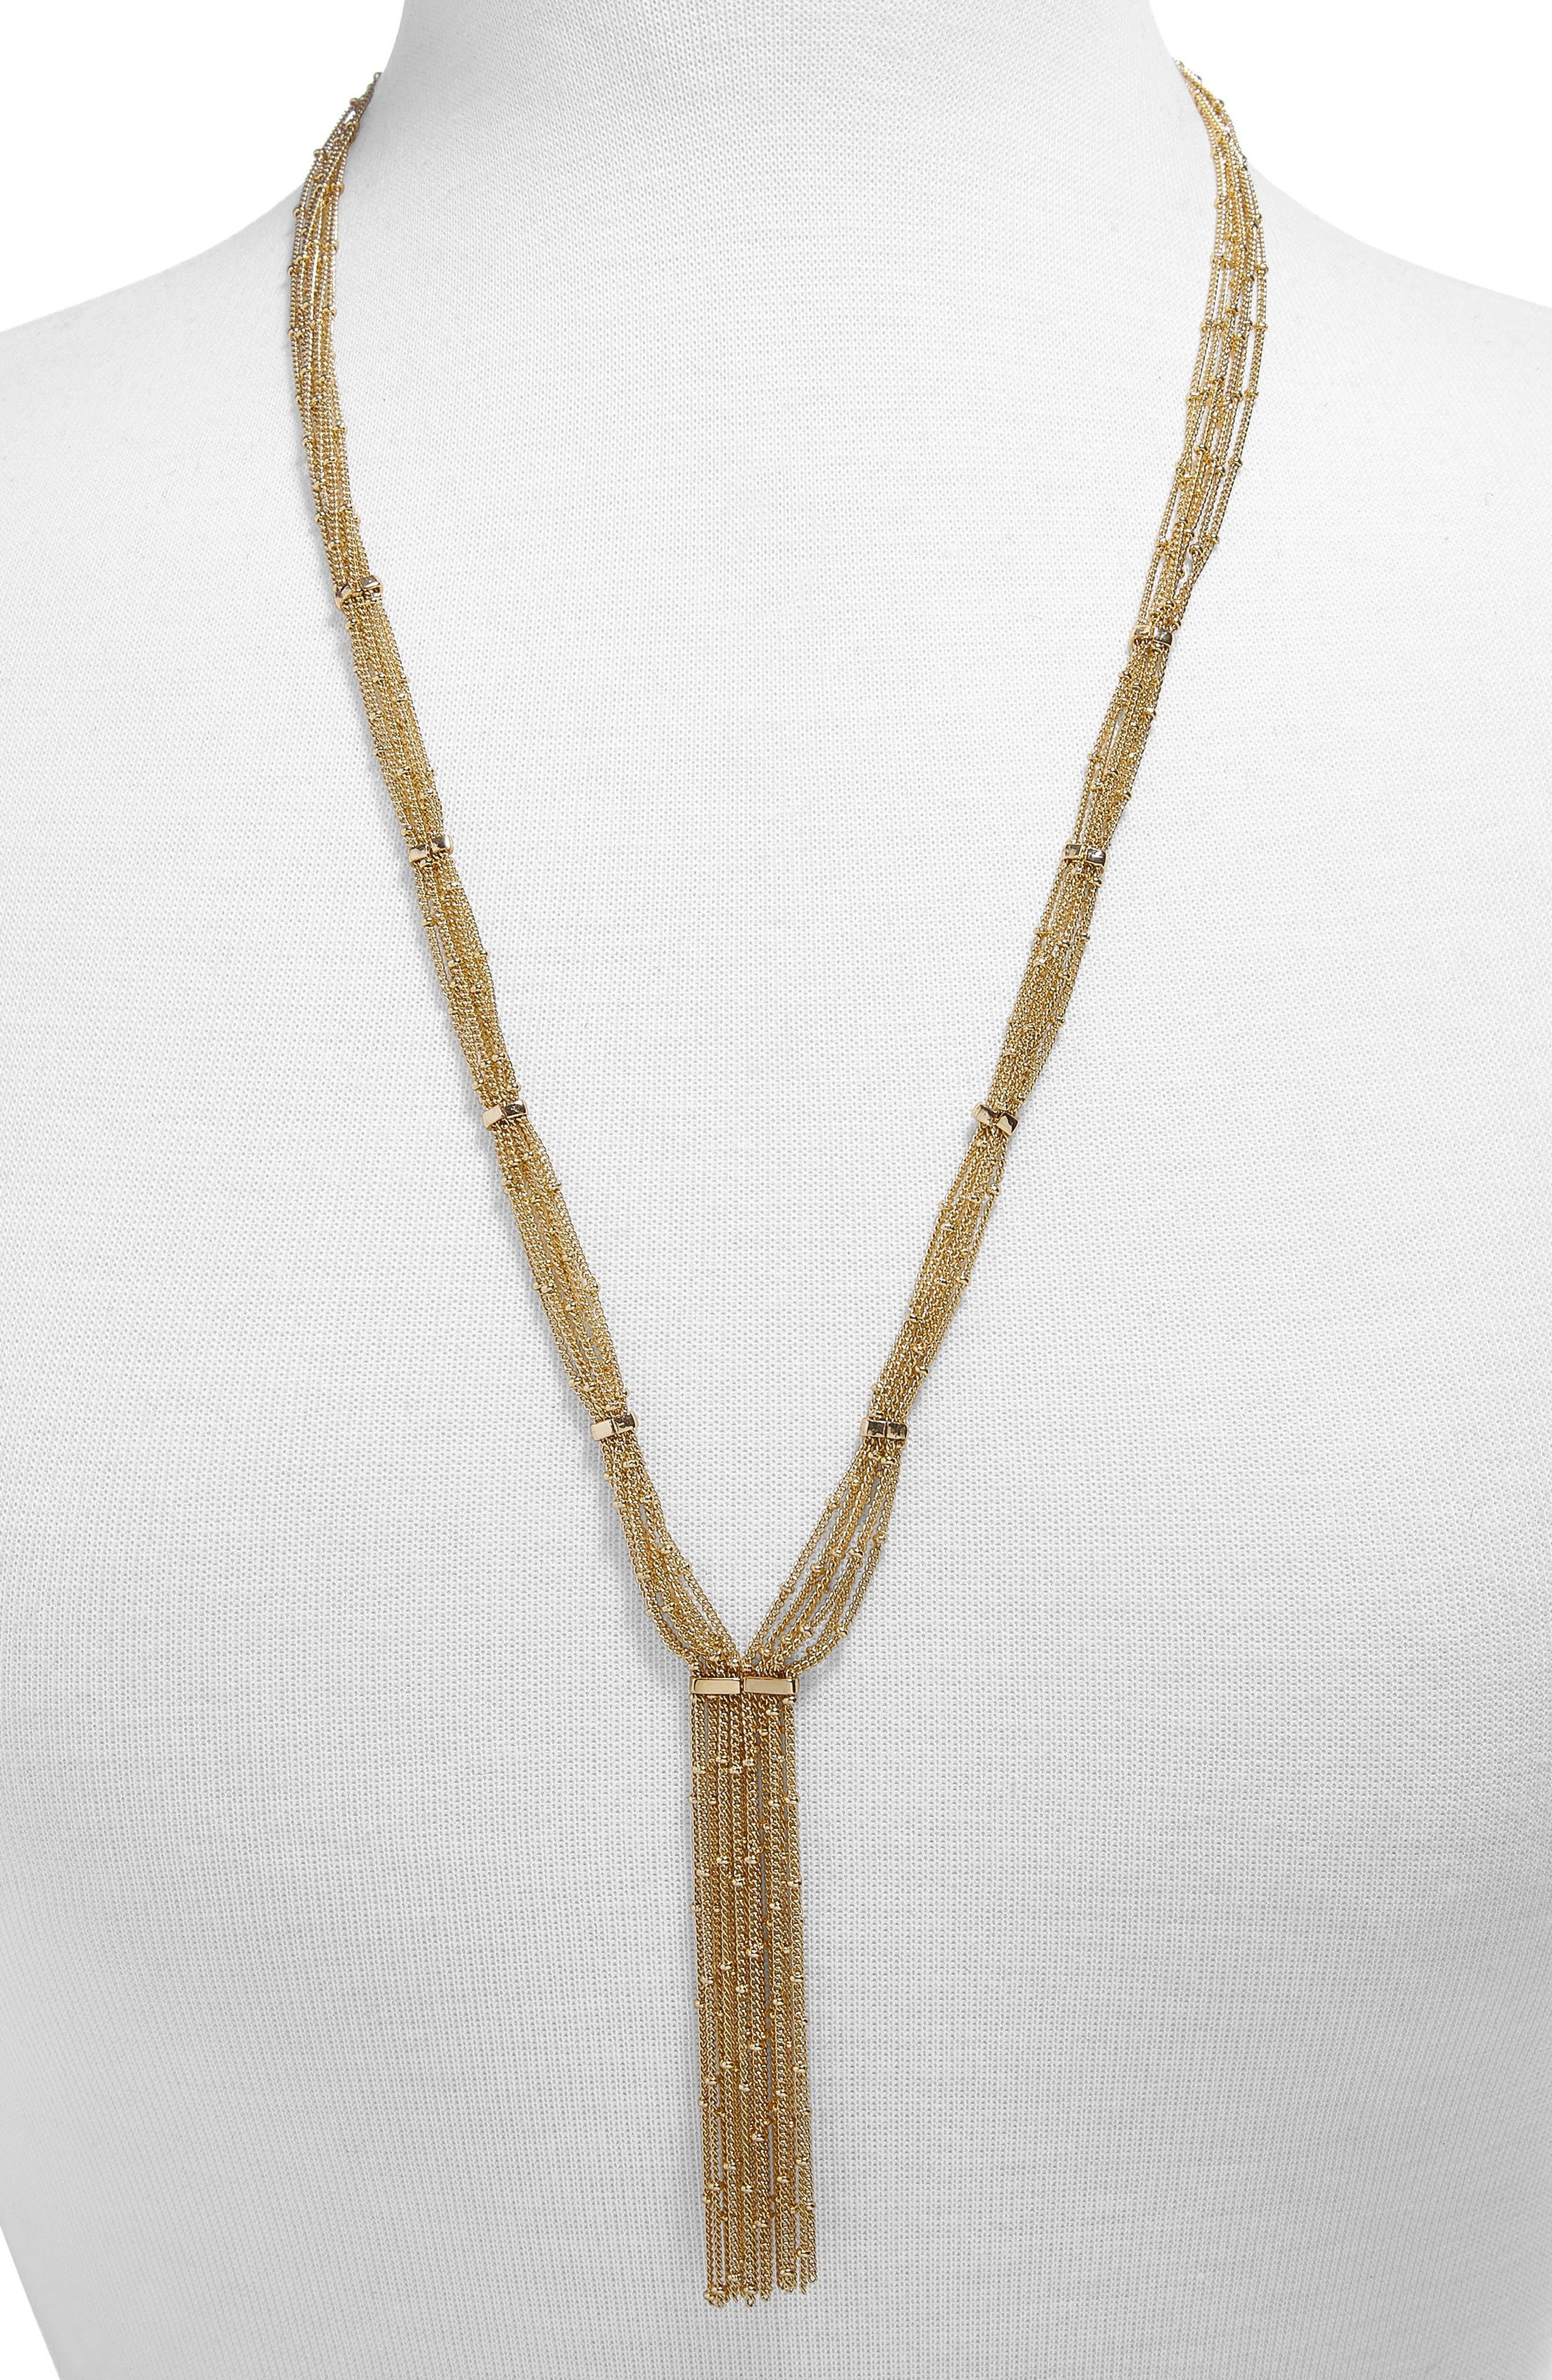 Pavanne Chain Y-Necklace,                         Main,                         color, 714